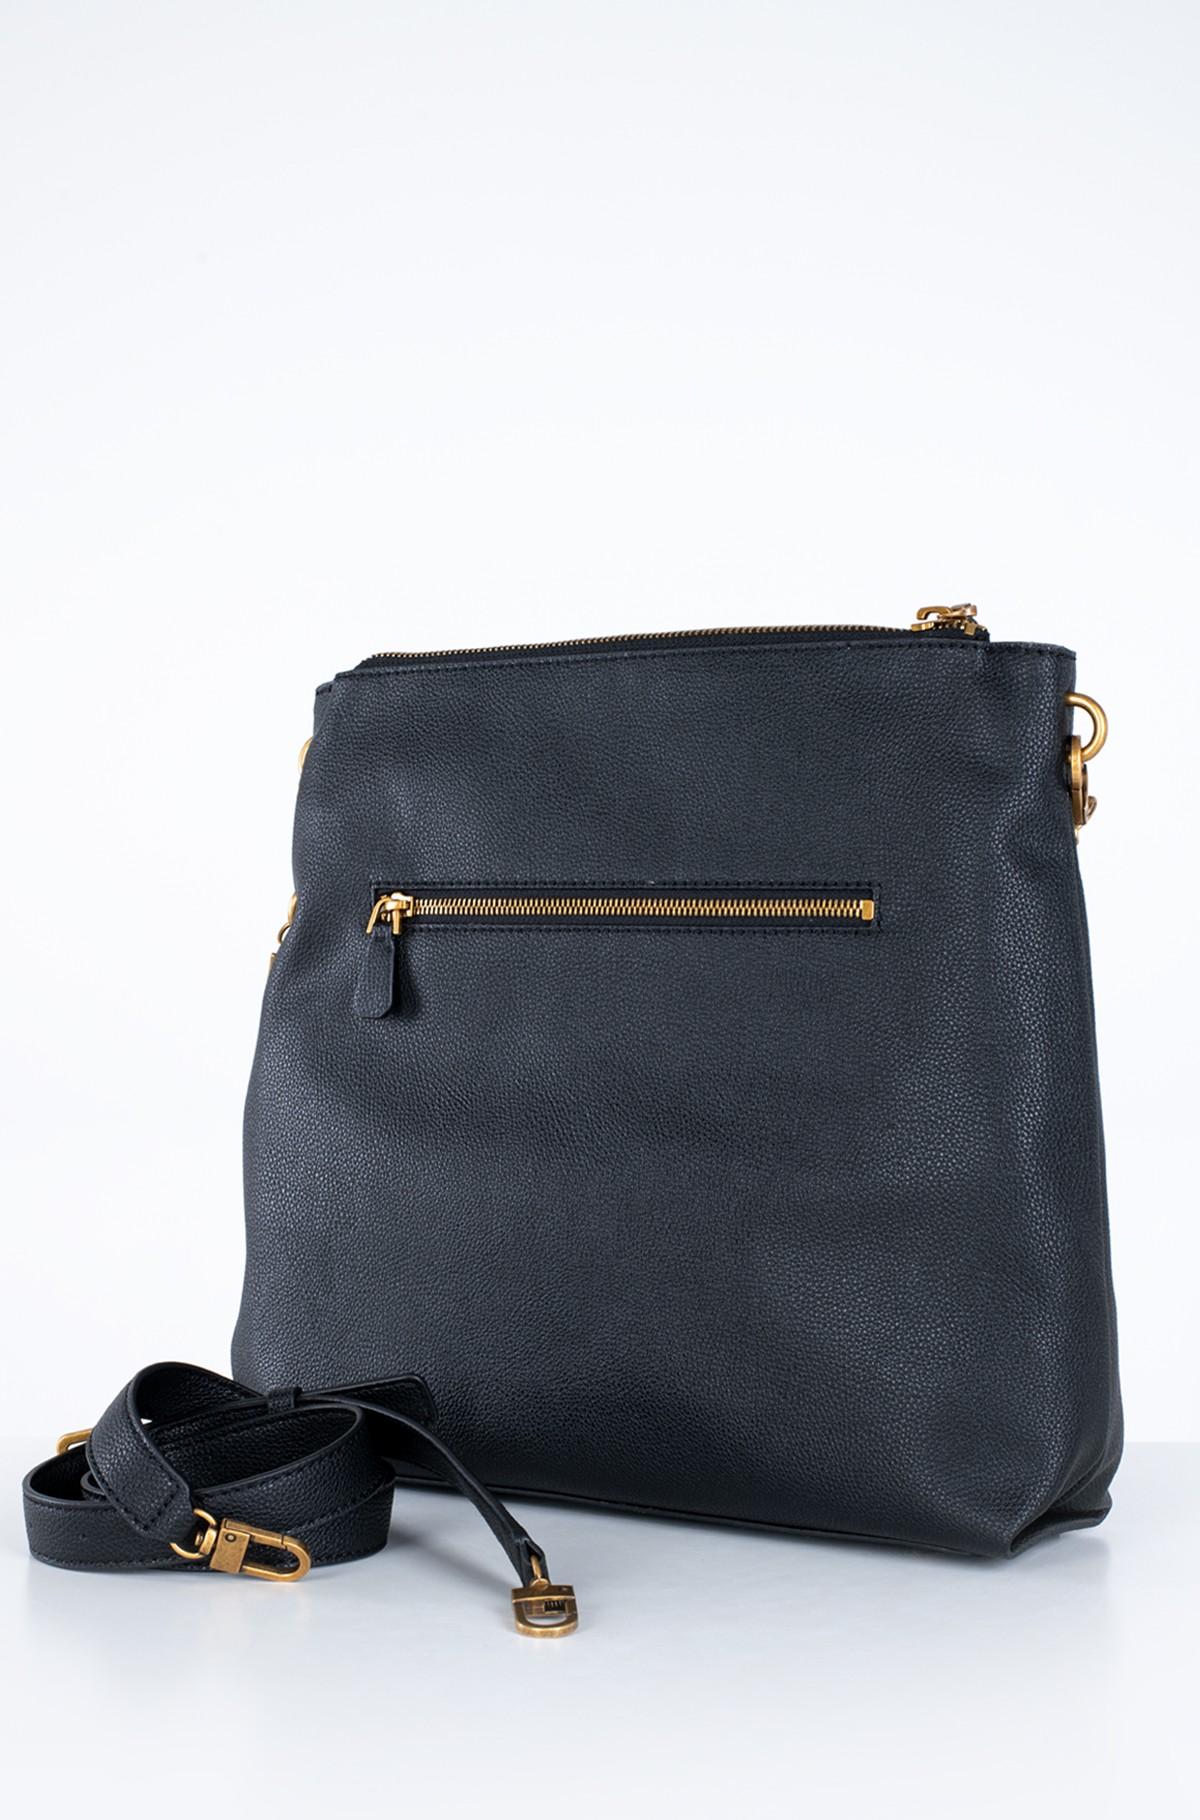 Handbag HWVB78 78020-full-3